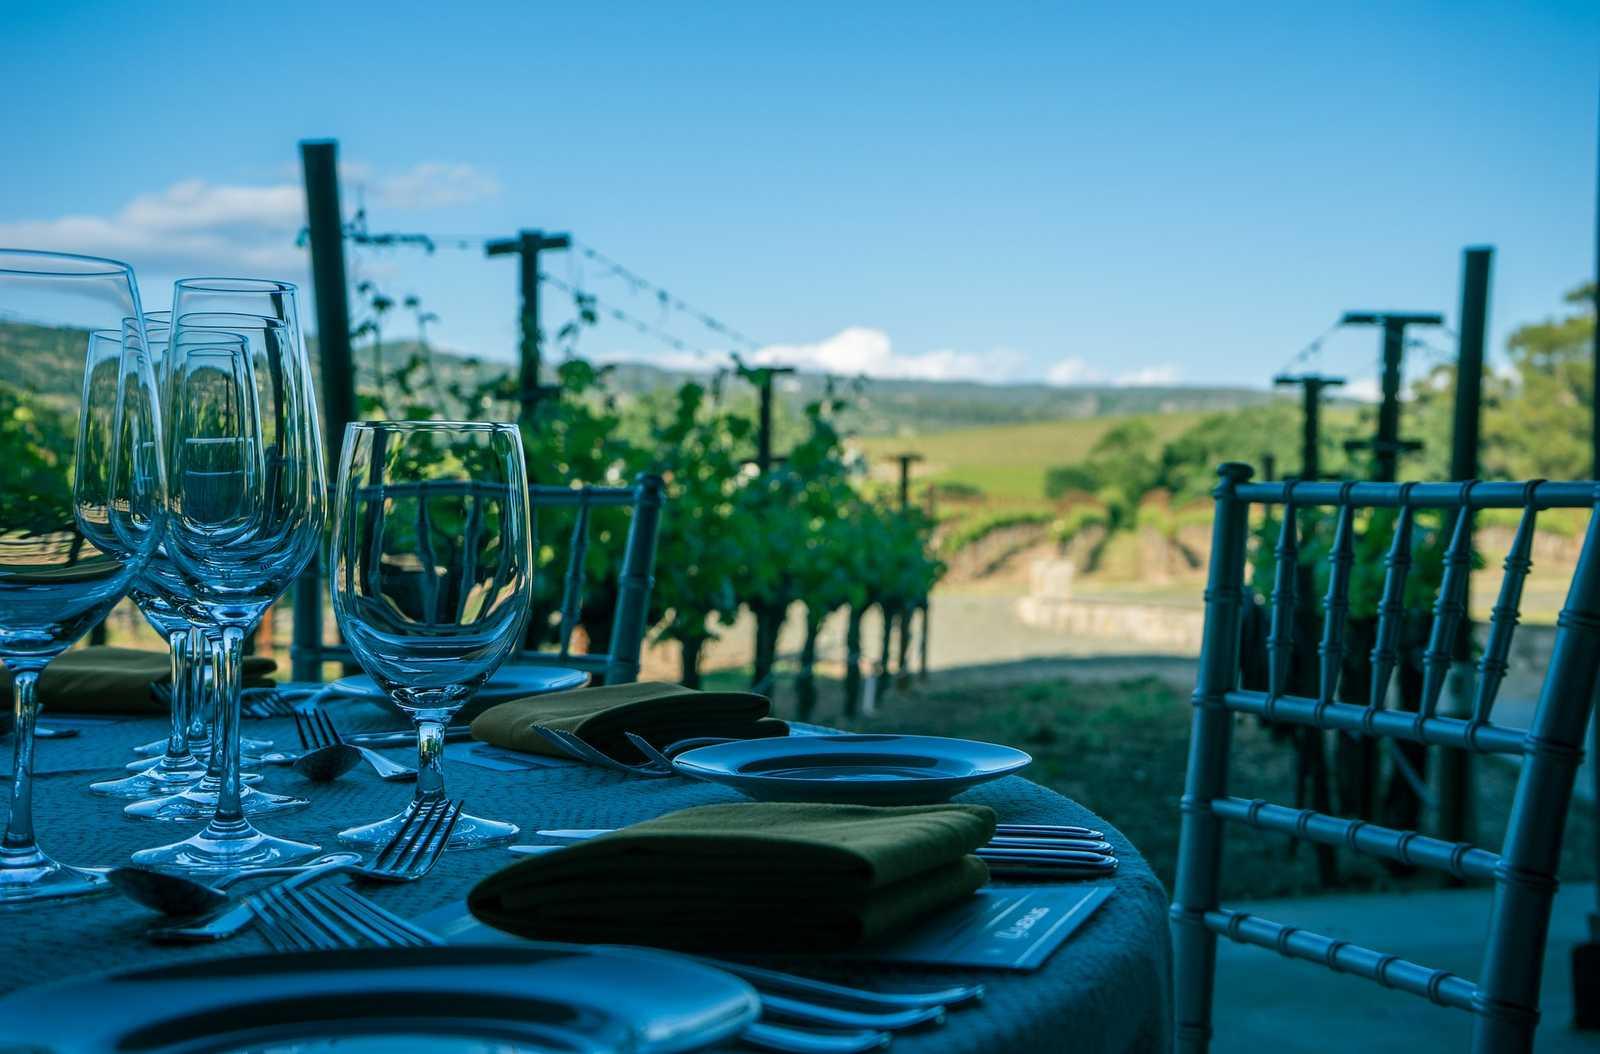 bedrck-event-wineery-1938924600x